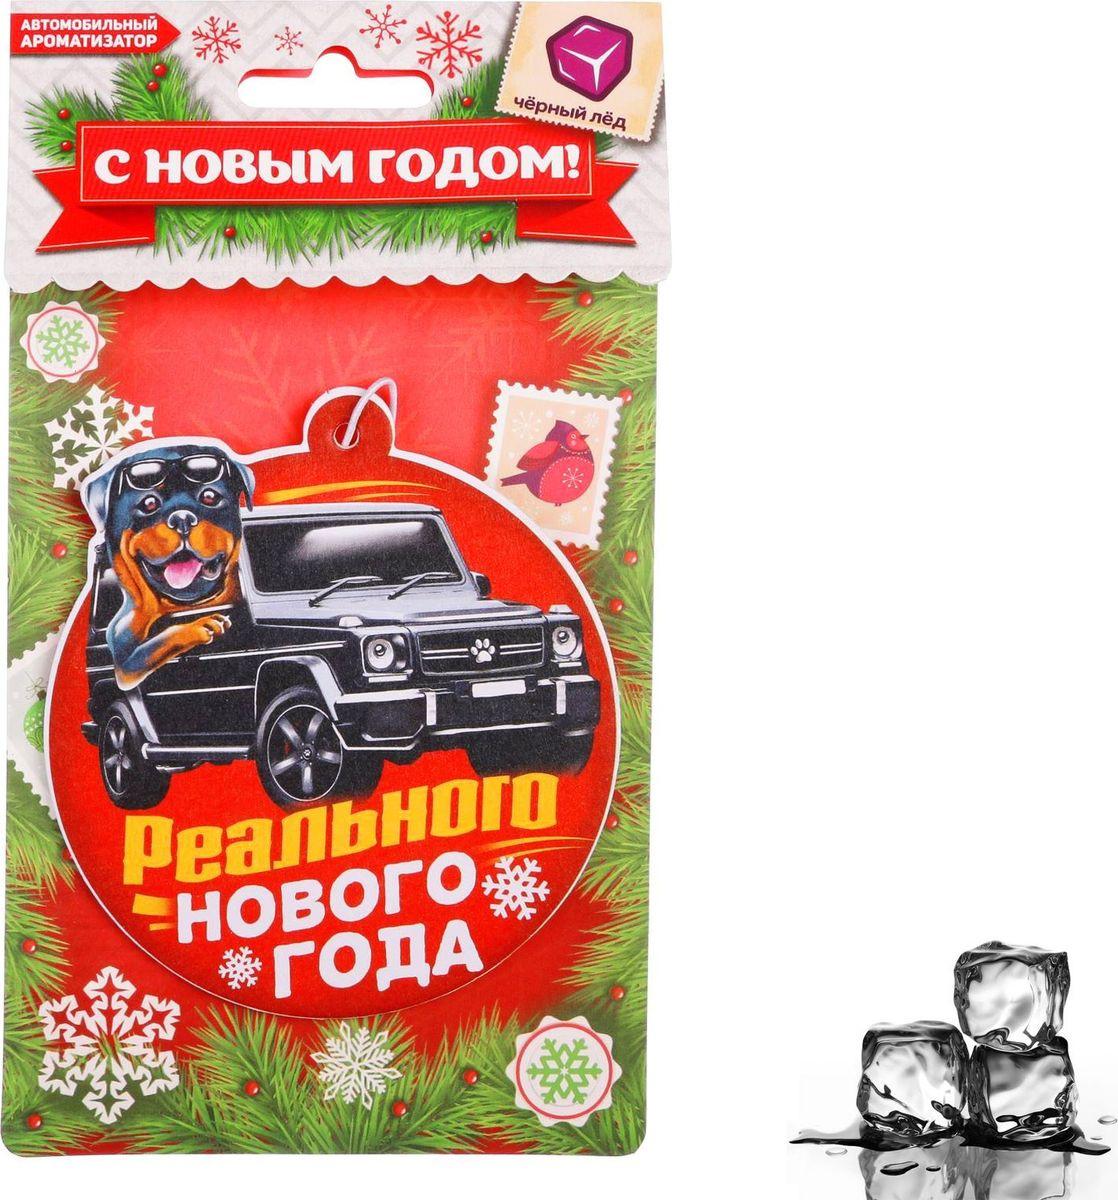 Ароматизатор автомобильный Luazon Реального Нового года2019705Ароматизатор автомобильный Реального Нового года - оригинальный и полезный подарок на Новый год для всех любителей езды с ветерком! Он сделает более комфортными ежедневные путешествия по трассам и пробкам. Стильный дизайн и приятный запах не оставят равнодушными ни владельца машины, ни пассажиров.